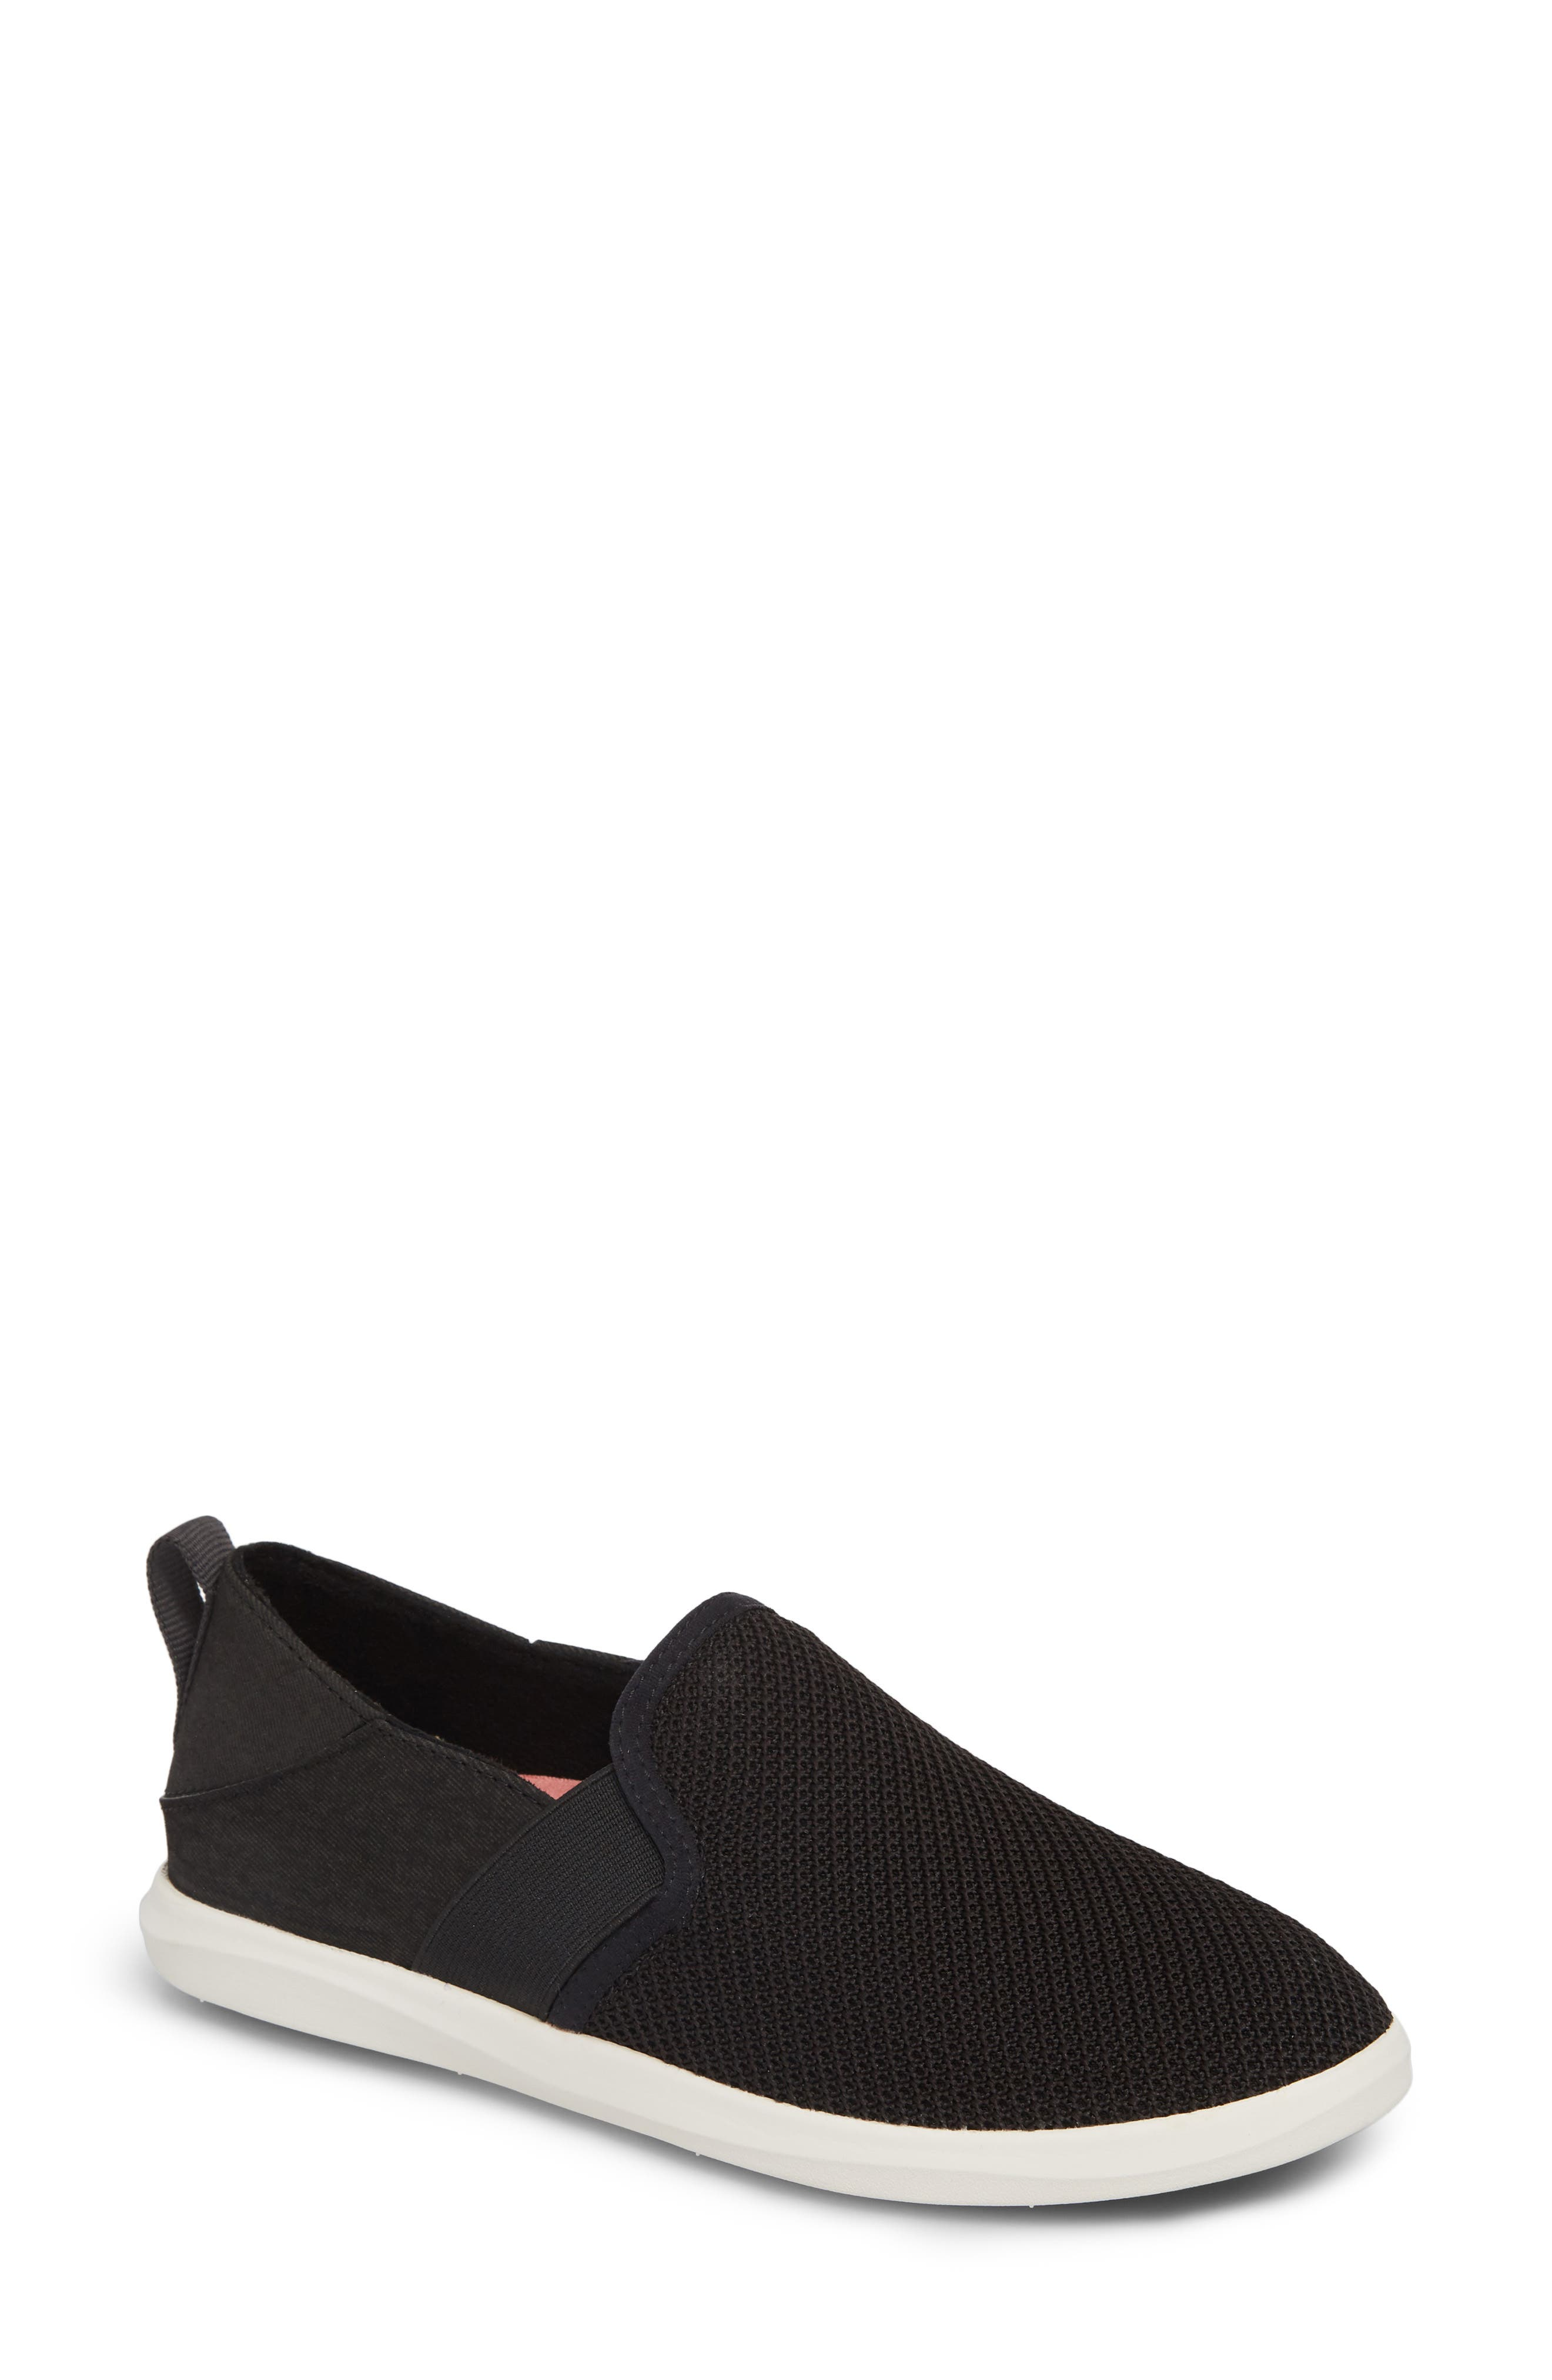 Olukai Haleiwa Pai Sneaker, Black